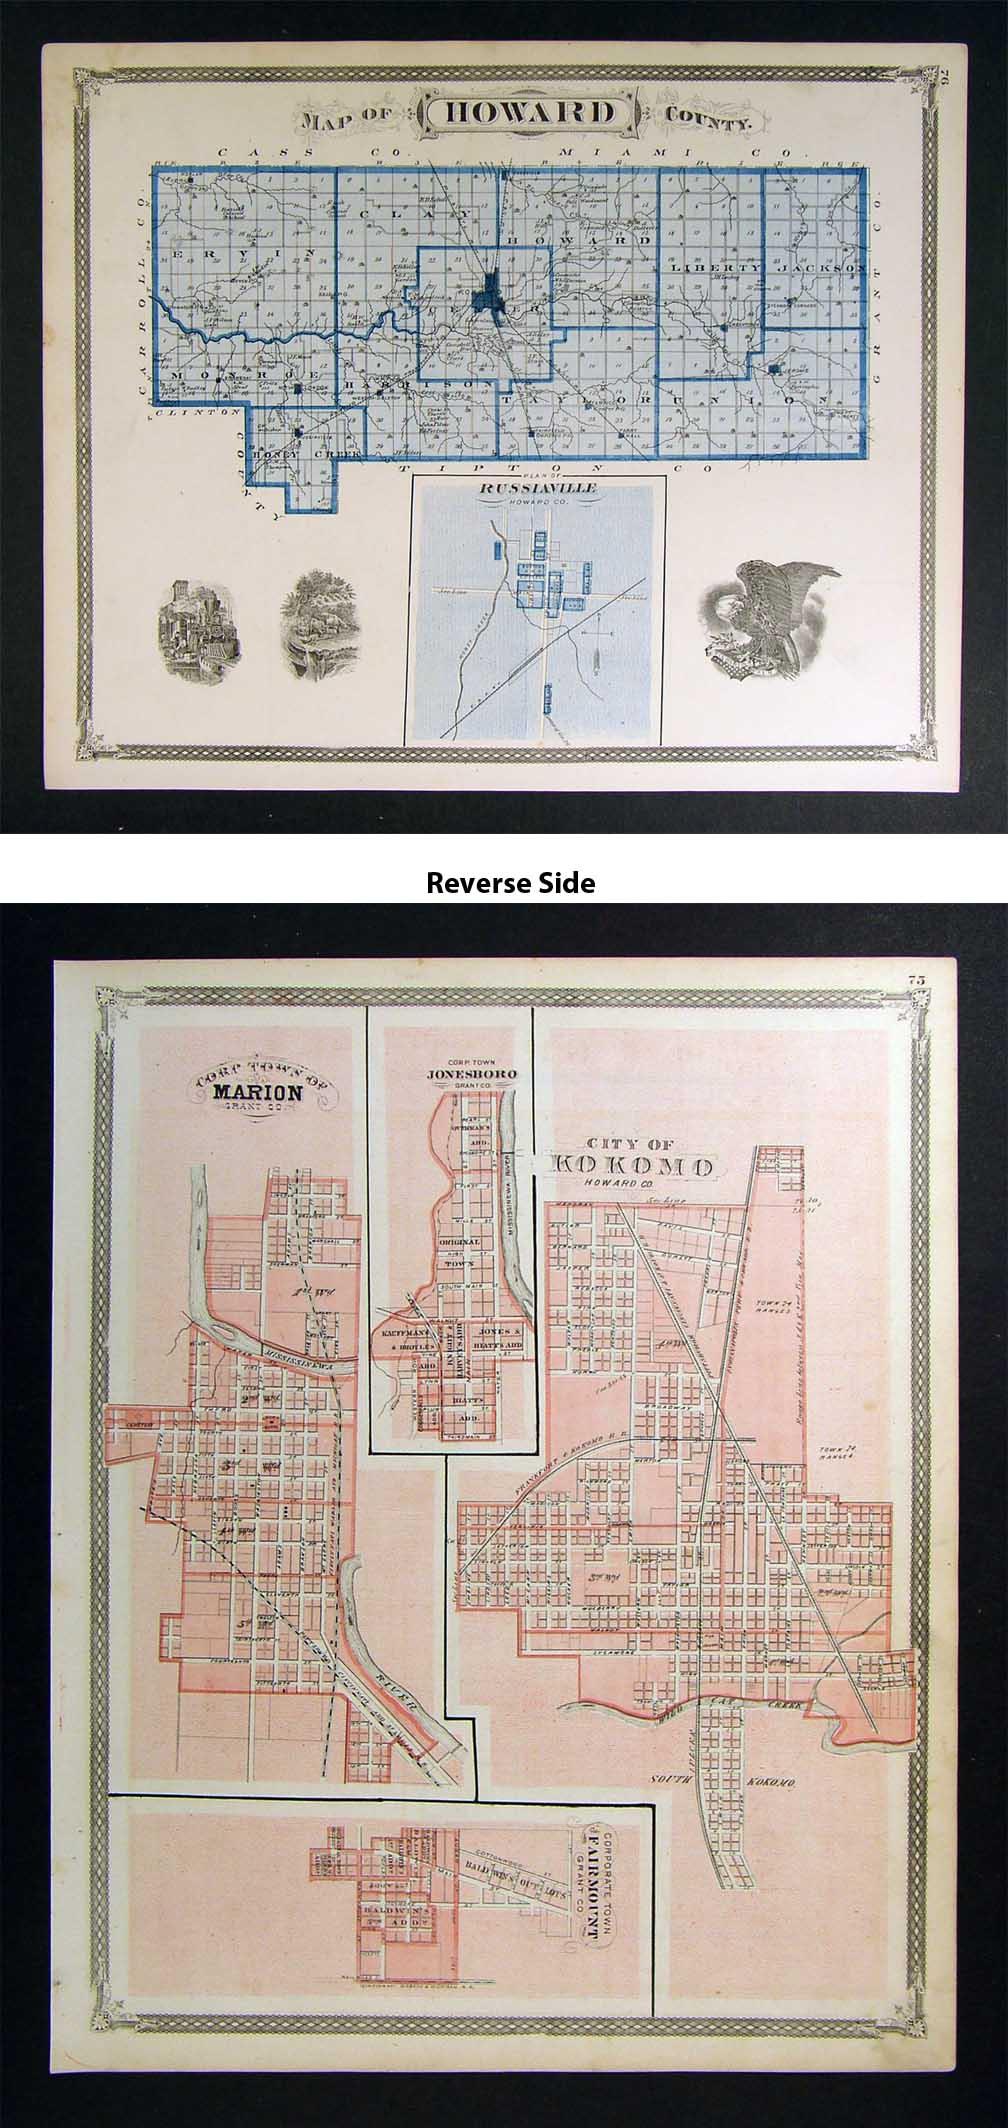 Howard County Indiana Map.1876 Indiana Map Howard County Kokomo Marion Jonesboro On Popscreen